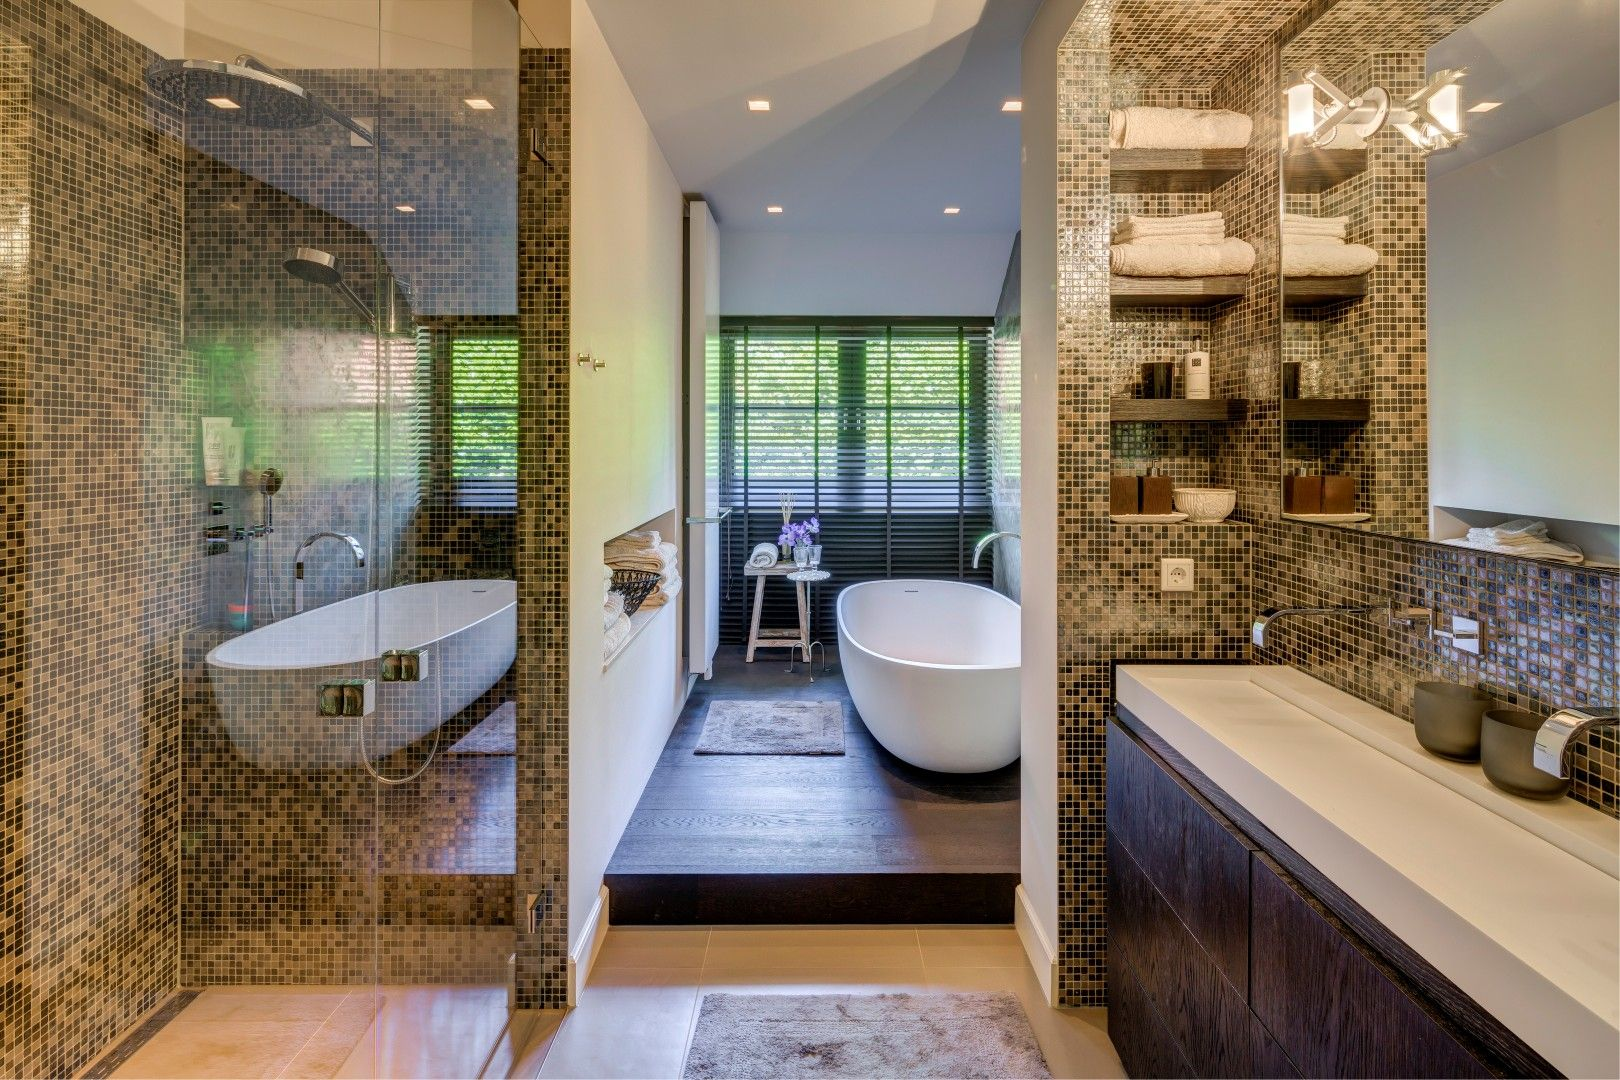 Badkamer ontworpen door de architecten en stylisten van kabaz